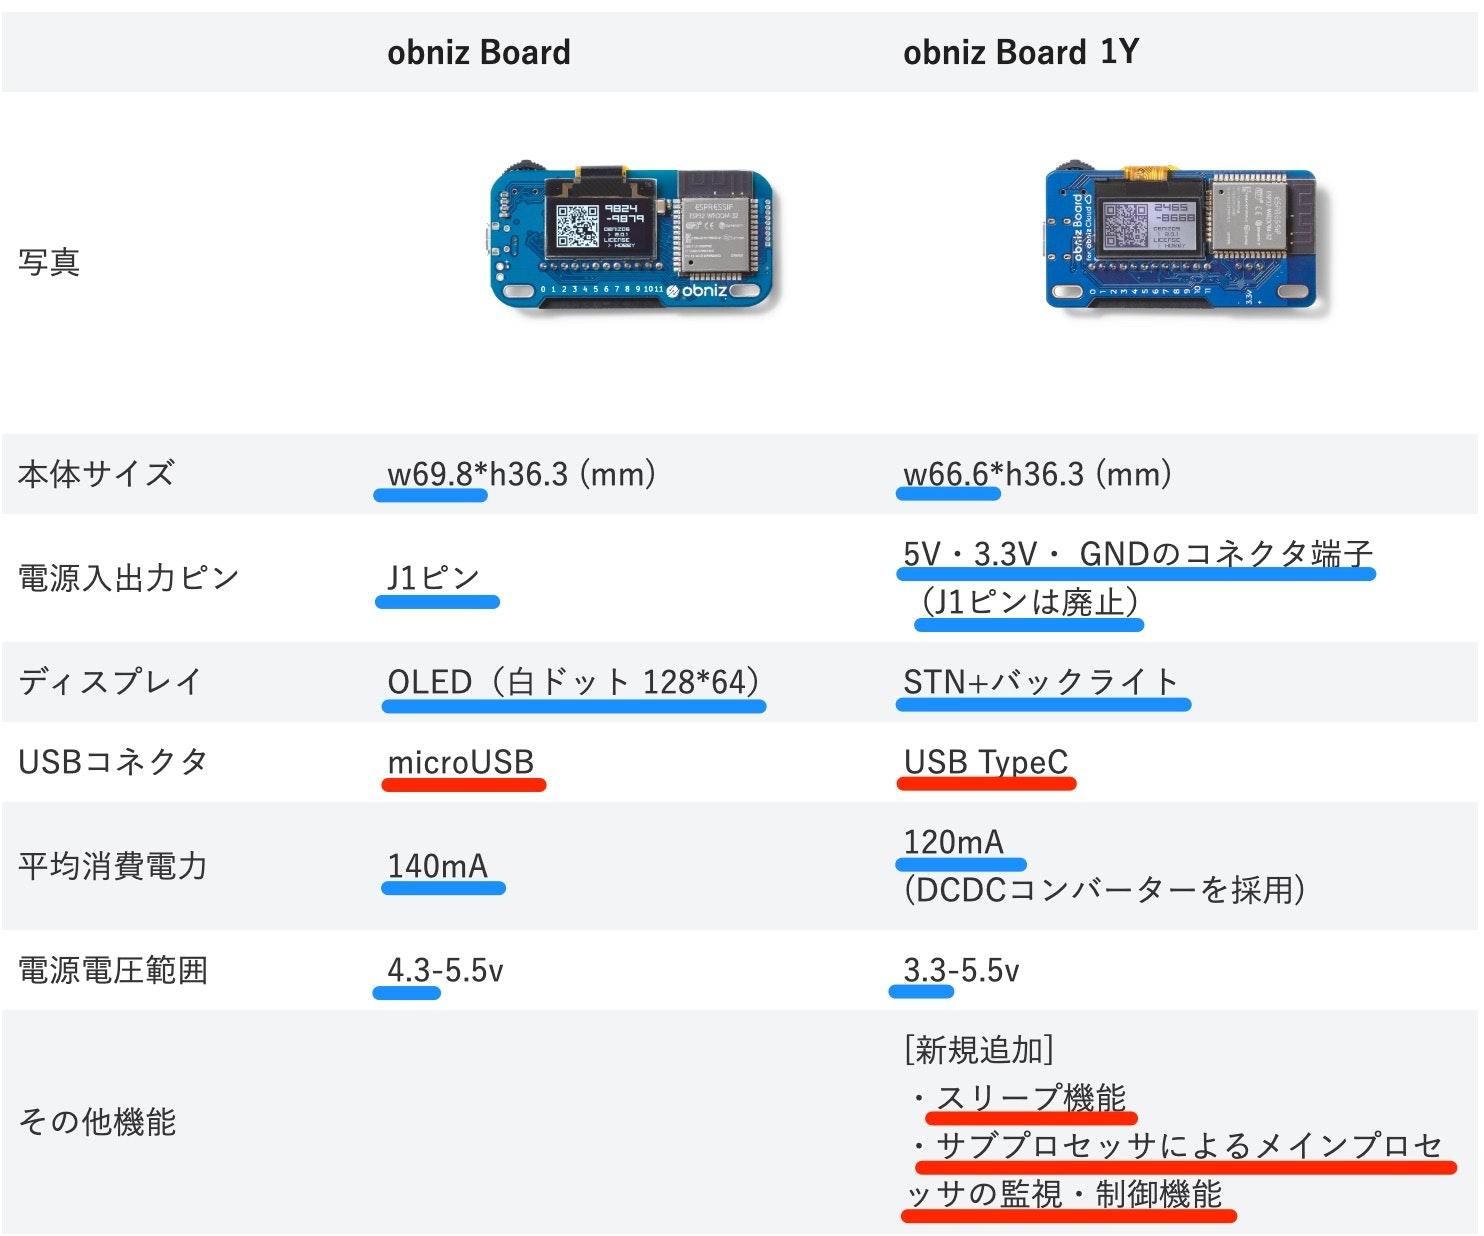 【予告】12_17_新商品_「obniz_Board_1Y」の販売を開始_–_blog_obniz_io.jpg